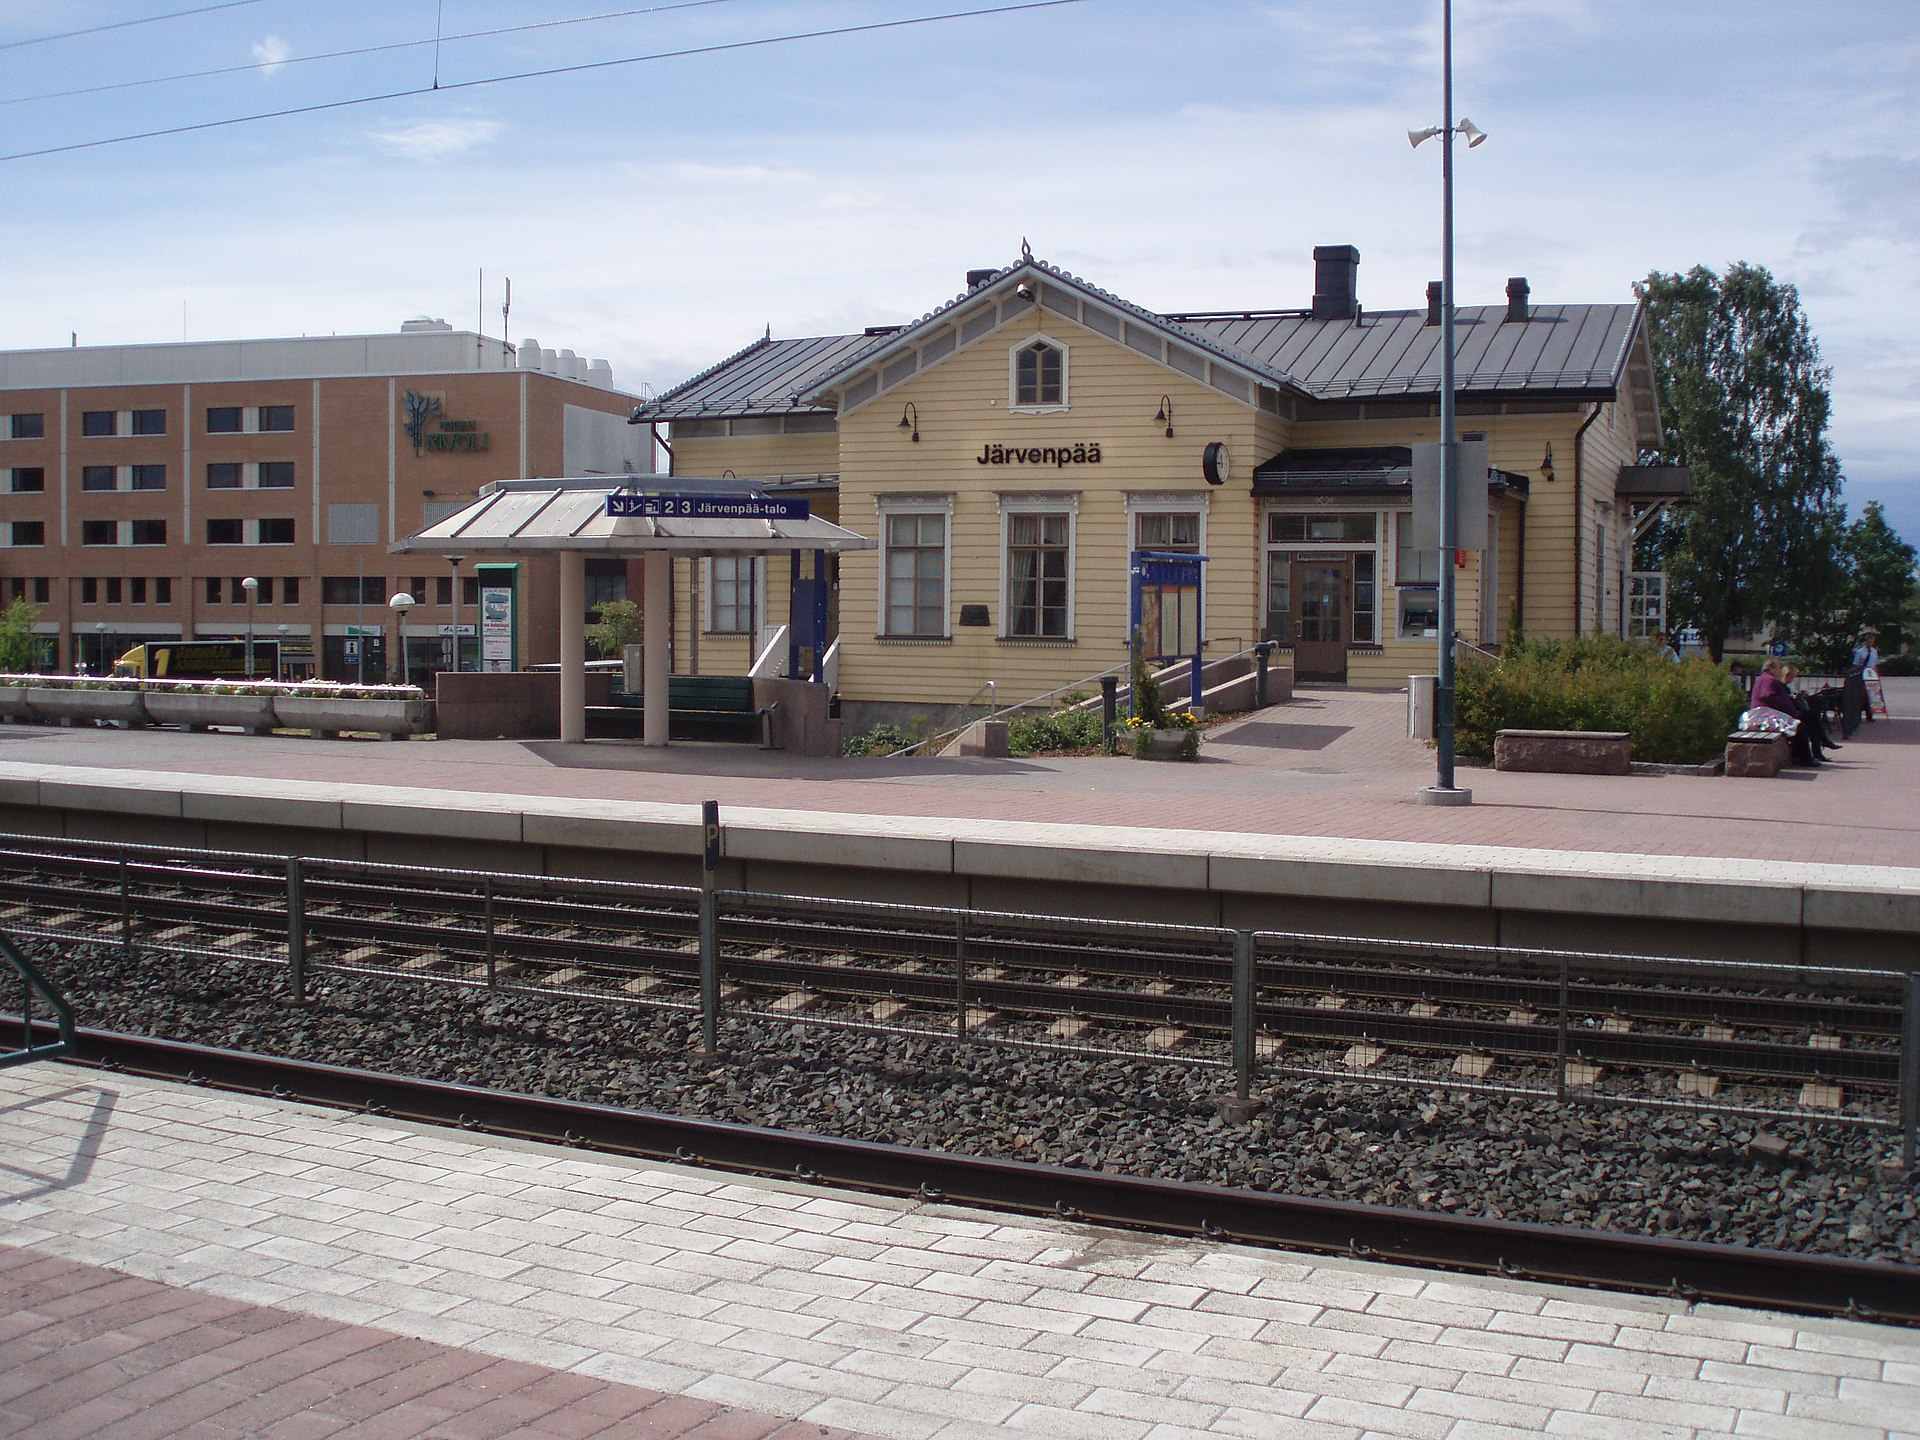 Järvenpään Moskeija